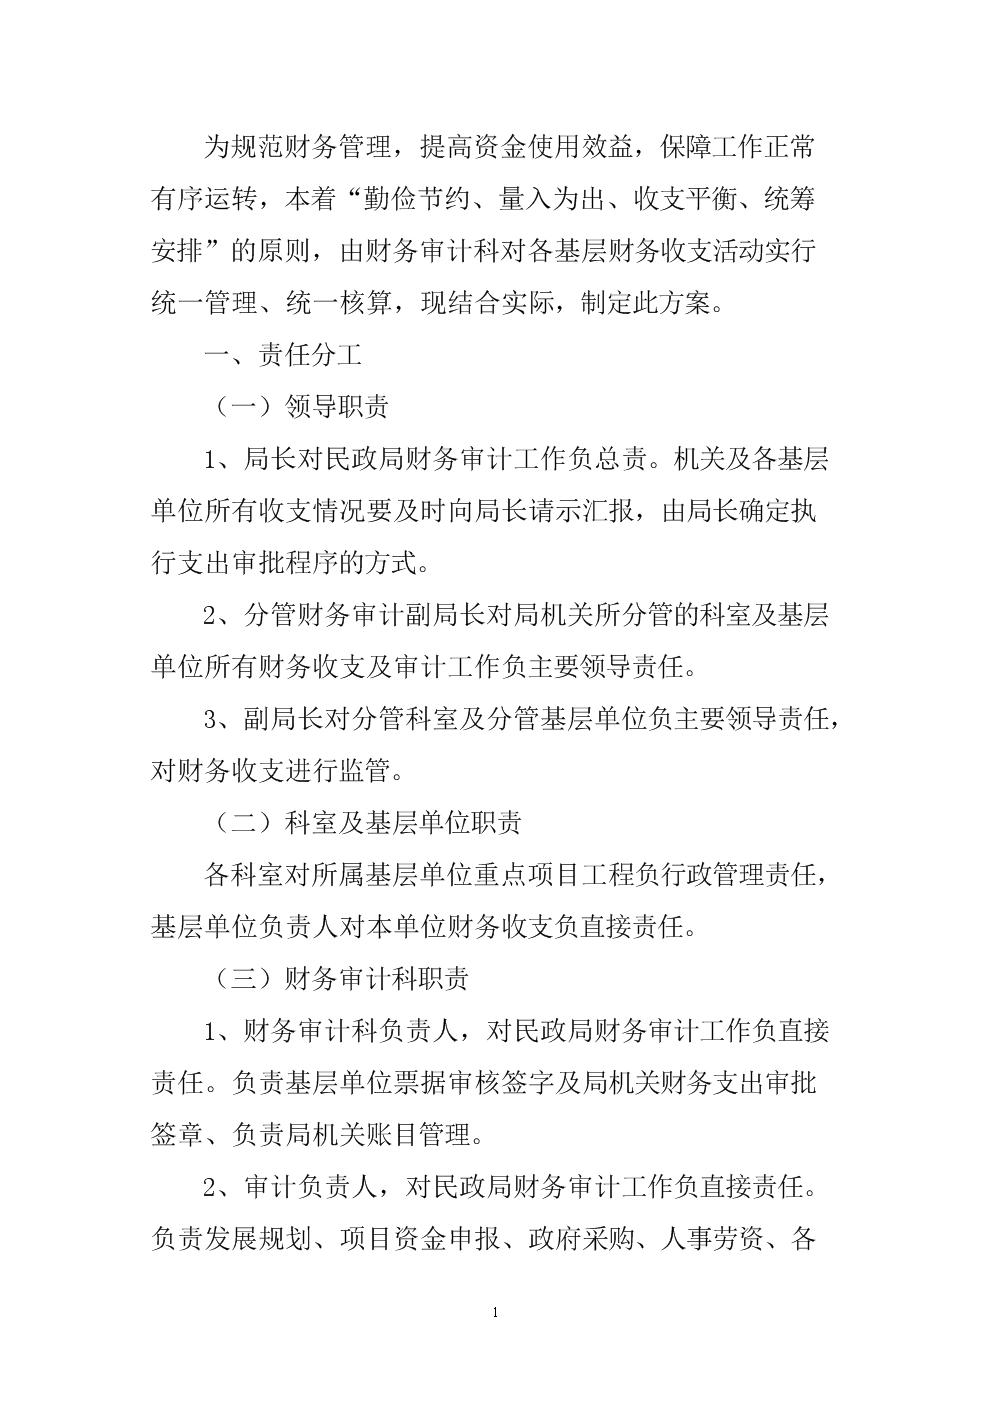 民政局财务统管工作方案.doc